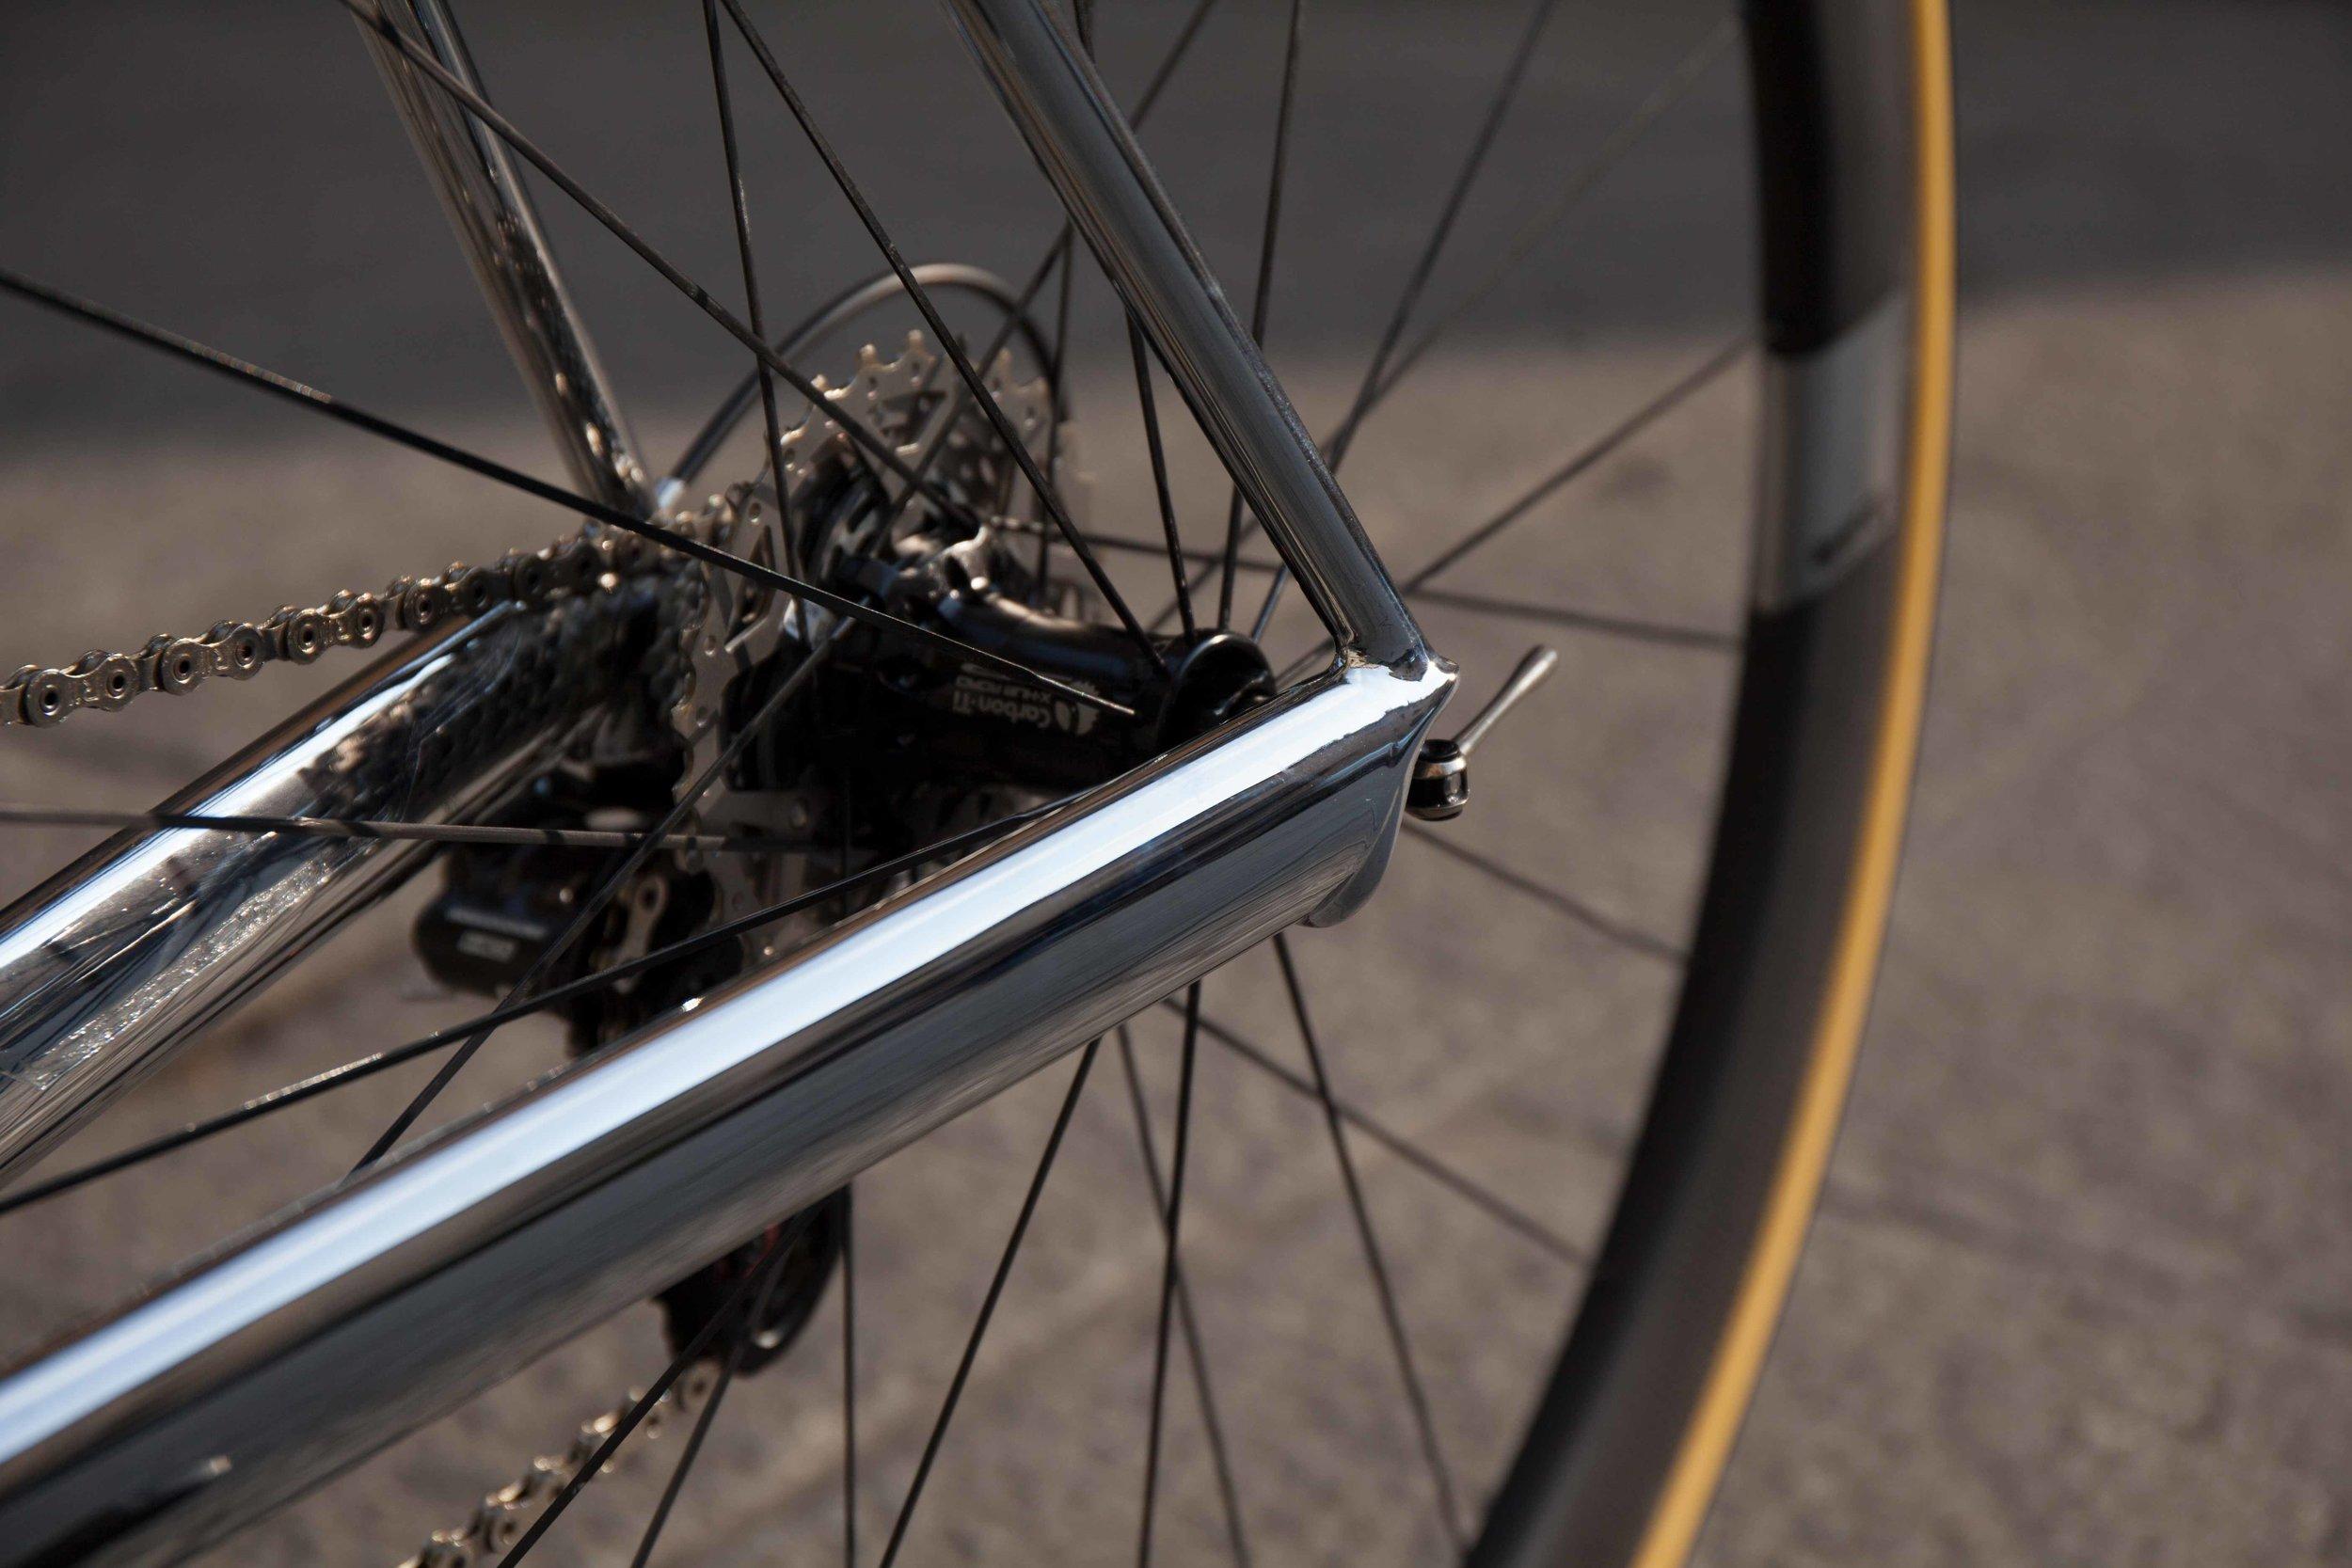 SB03-17044-Full-Bike-Chainstay.jpg